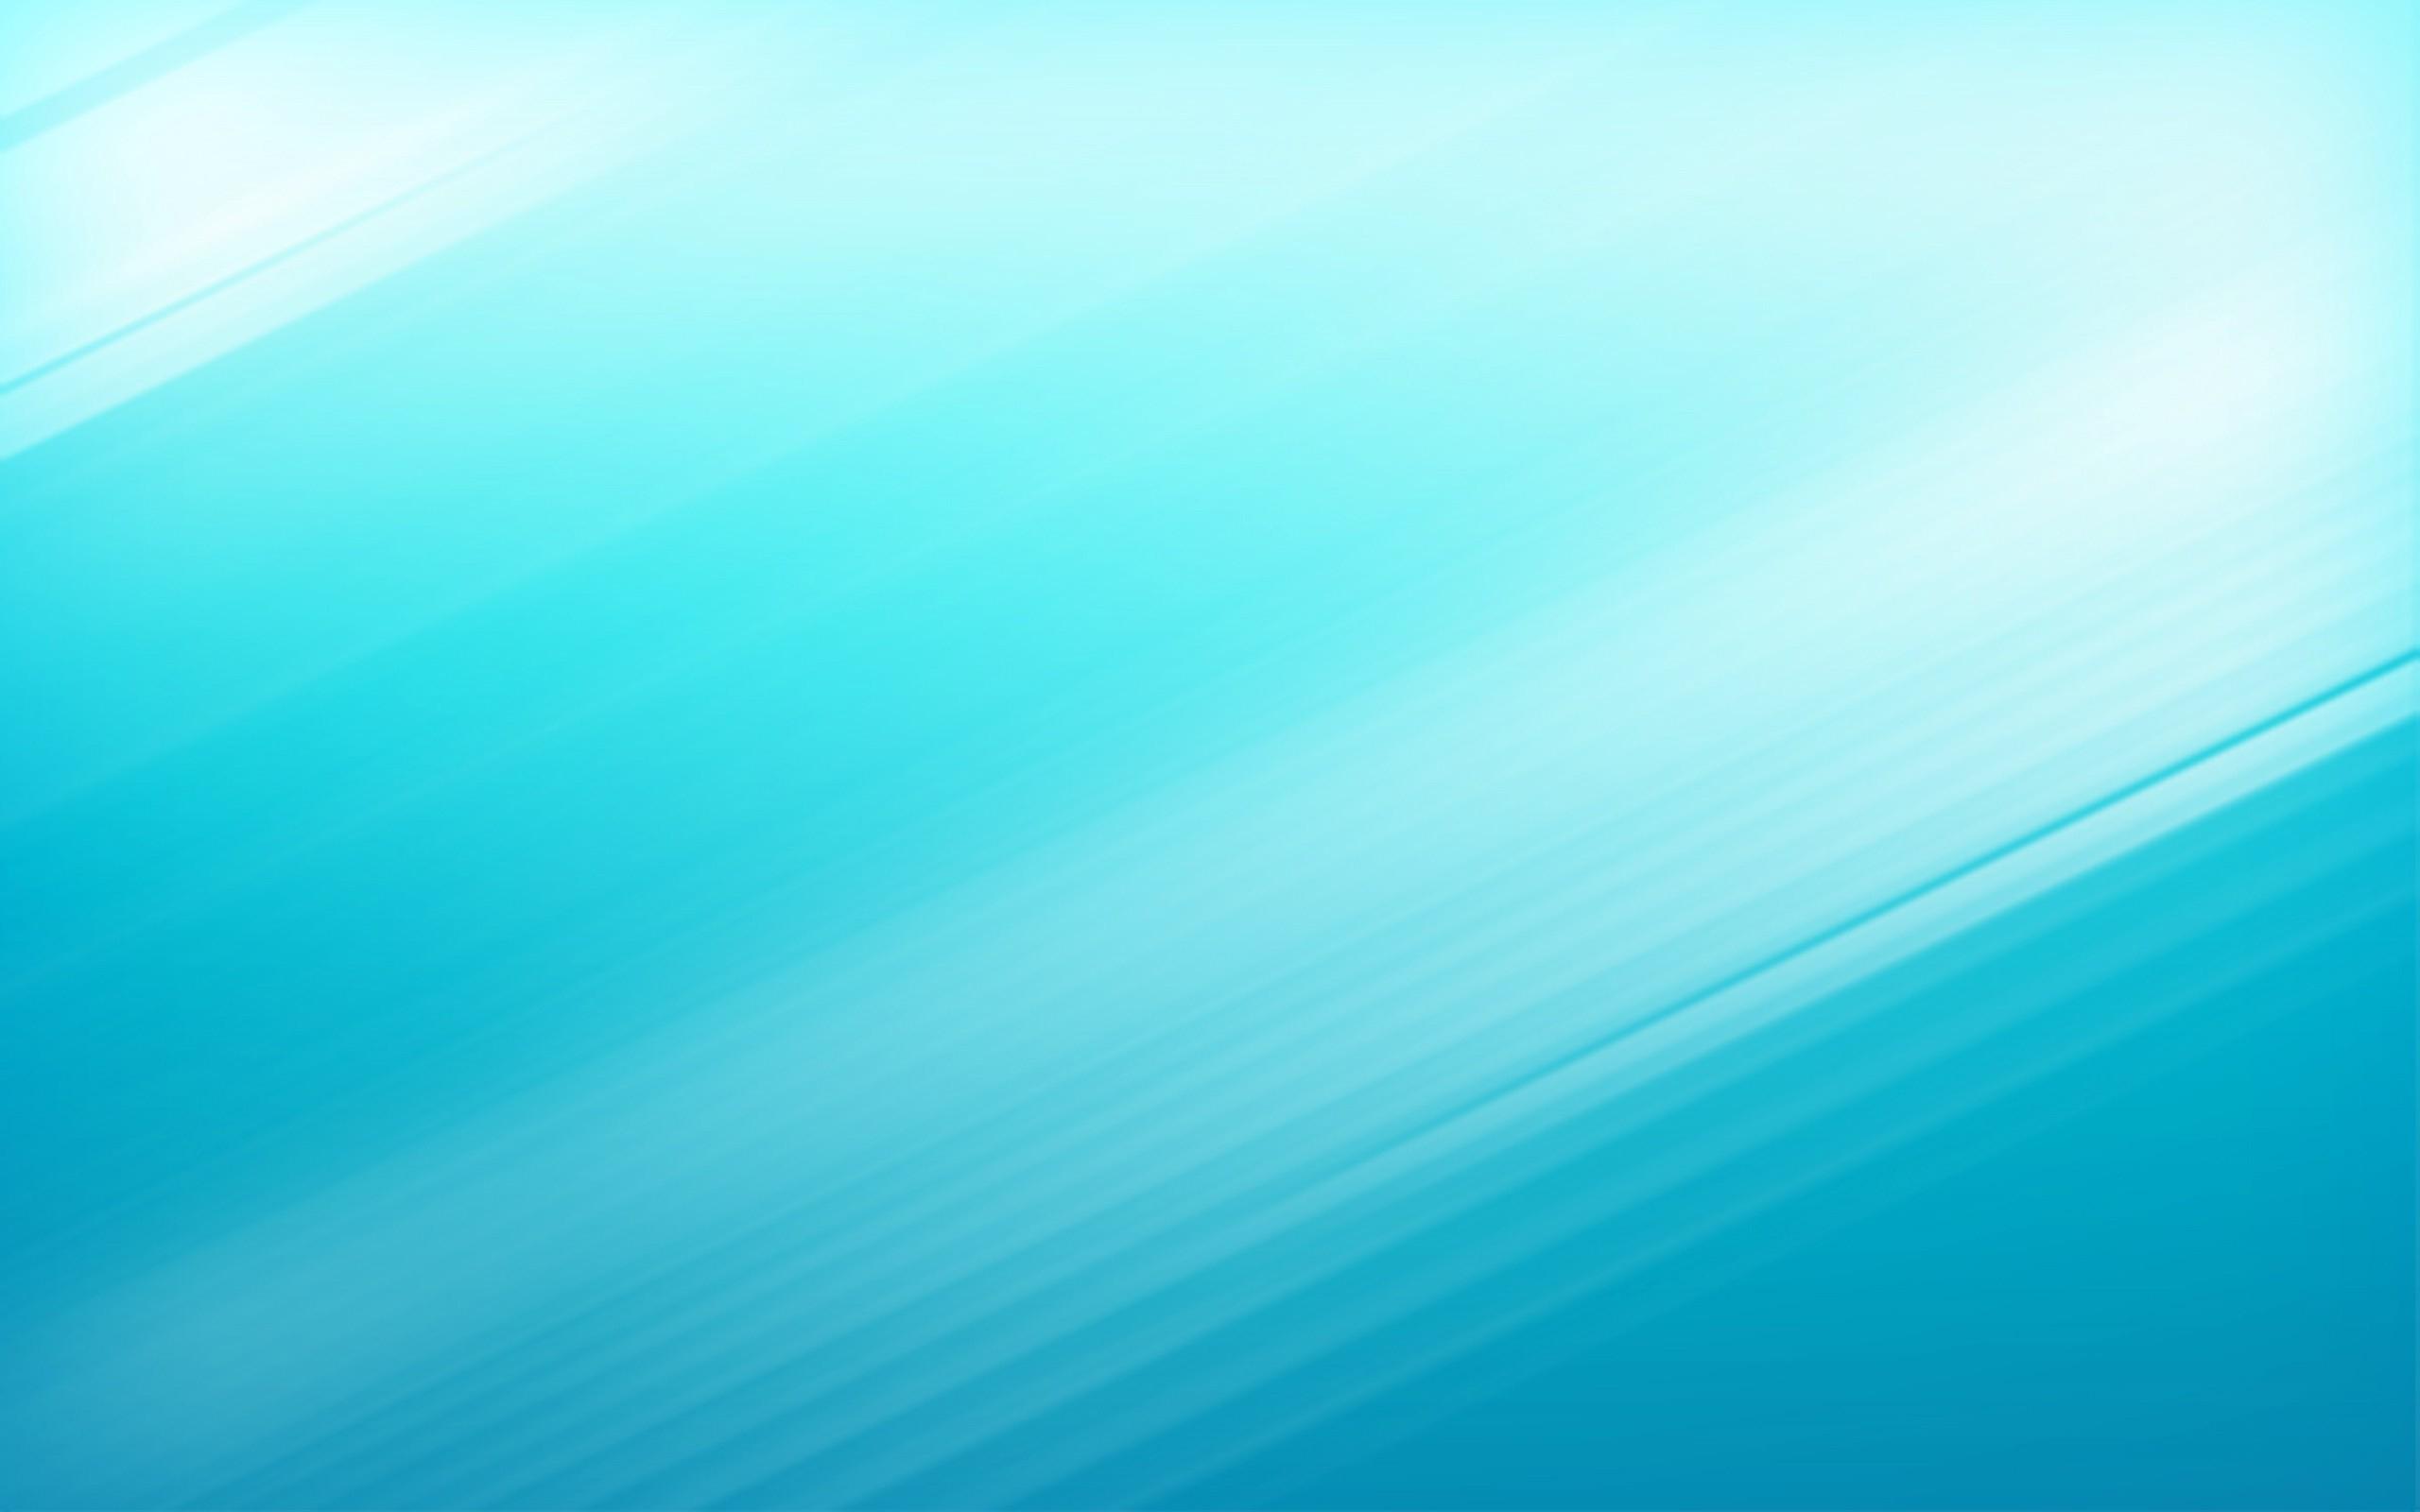 Fondos De Pantalla : Línea, ángulo, Ligero, Color